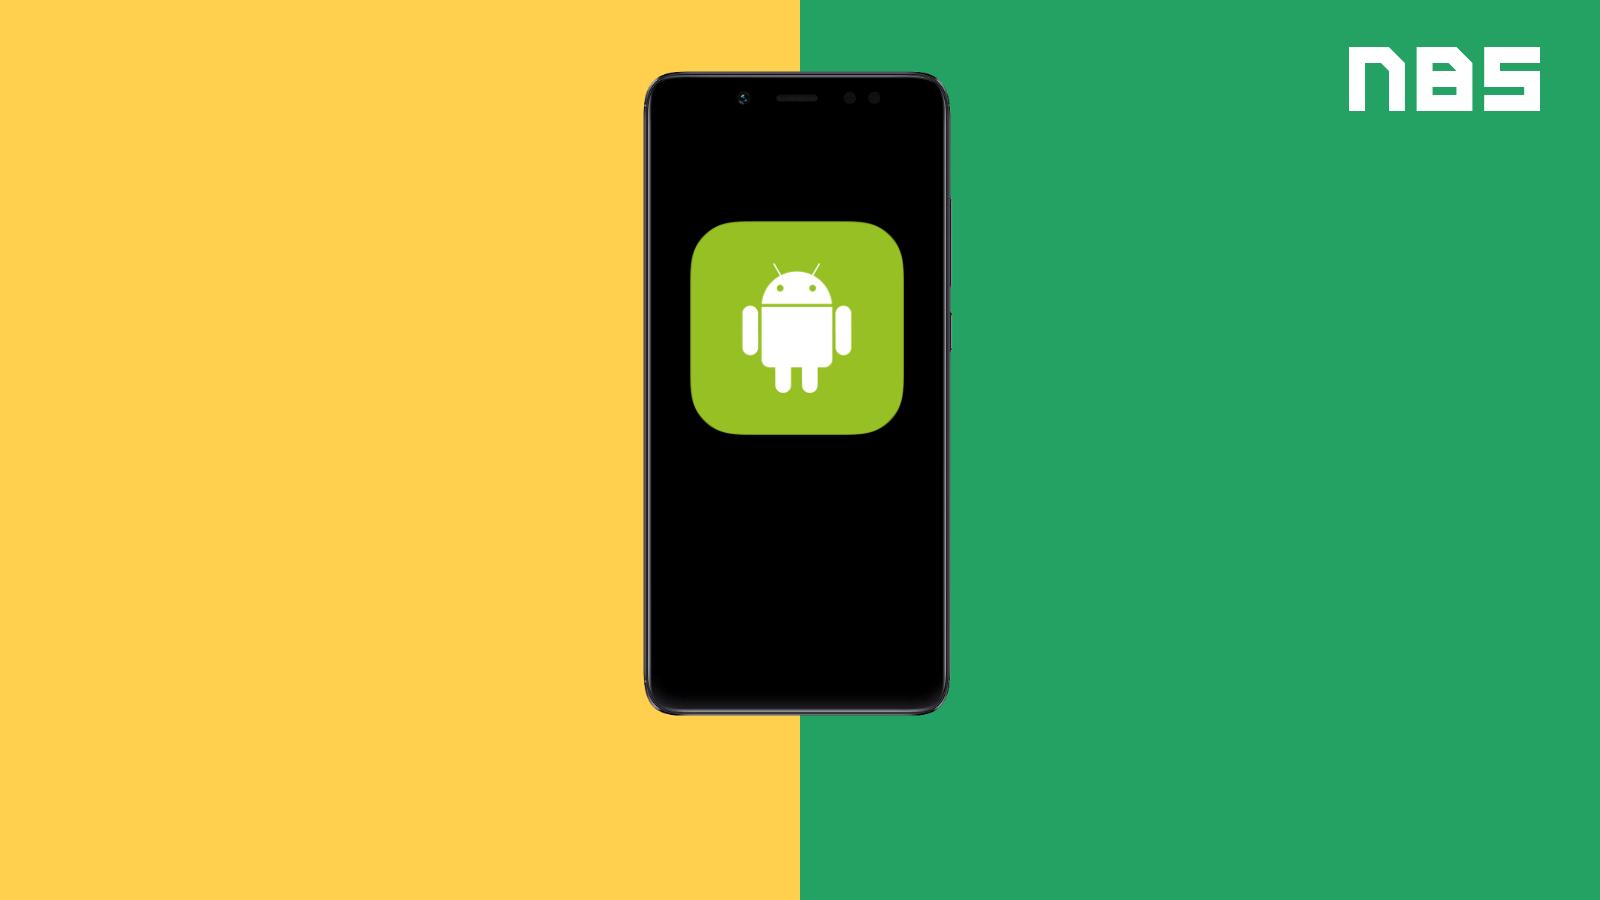 ย้ายรูป Android